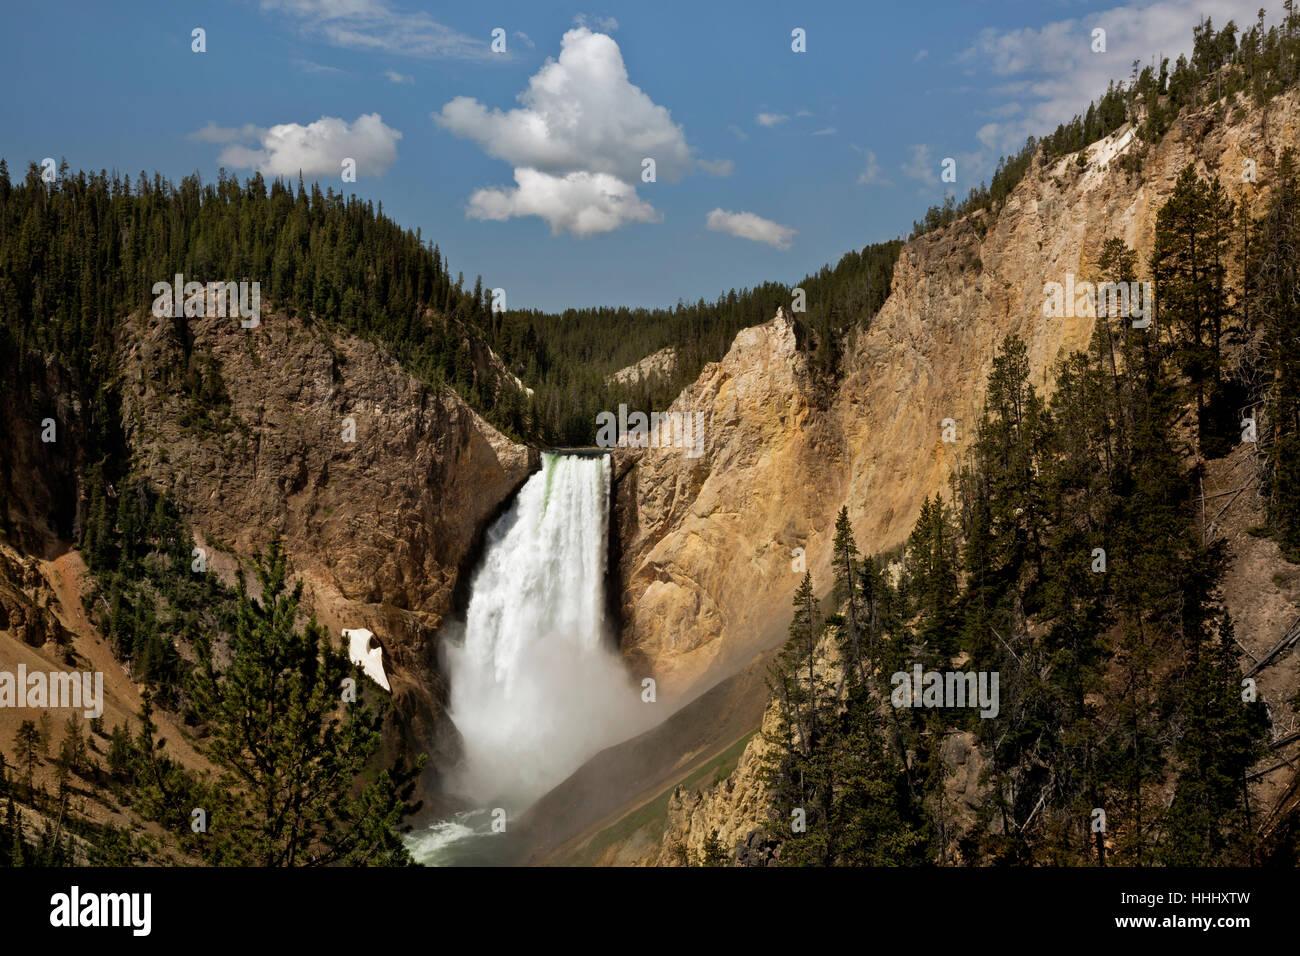 WY02099-00...WASHINGTON - Lower Falls en el Gran Cañón del río Yellowstone en el Parque Nacional de Yellowstone. Foto de stock